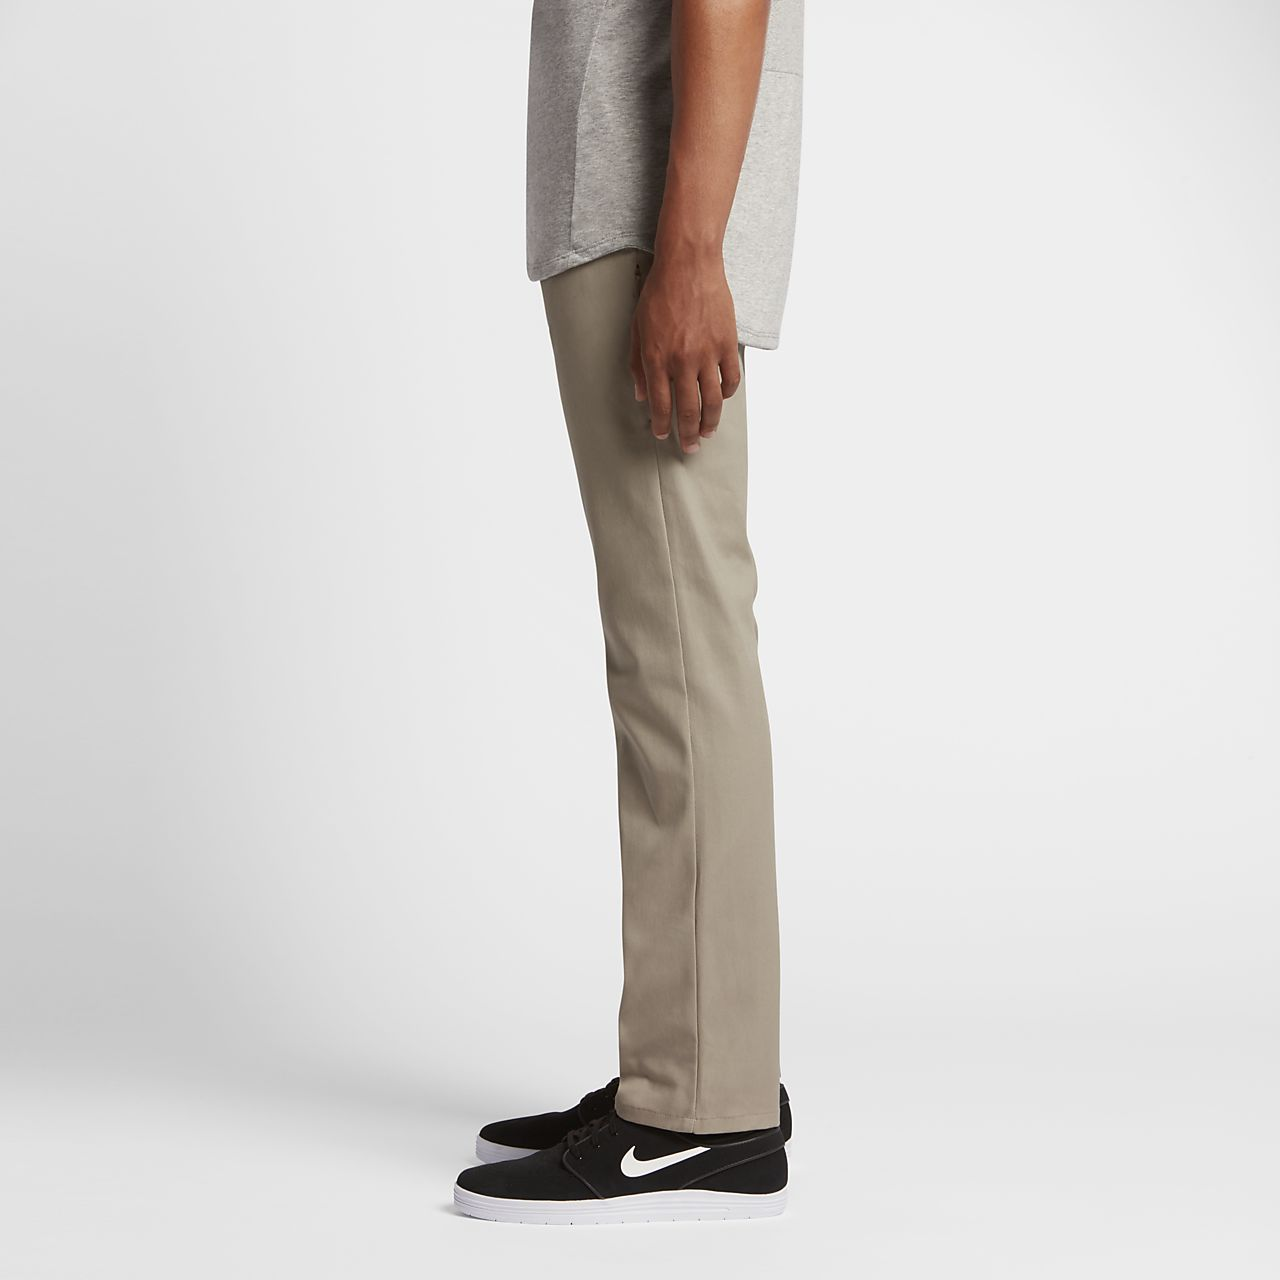 Sb HommeCa Pantalon Nike Ftm Pour Chino bEDWIH2Ye9